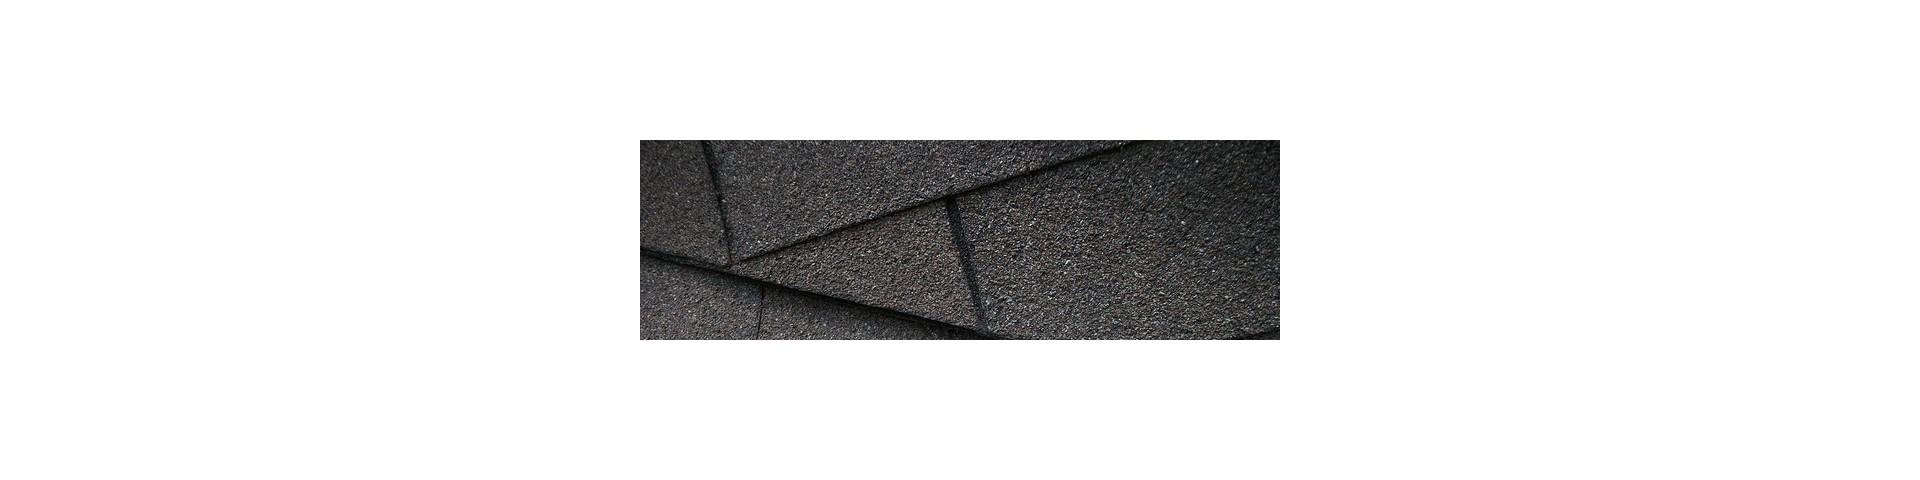 Roof Cement - sprawdź cenę